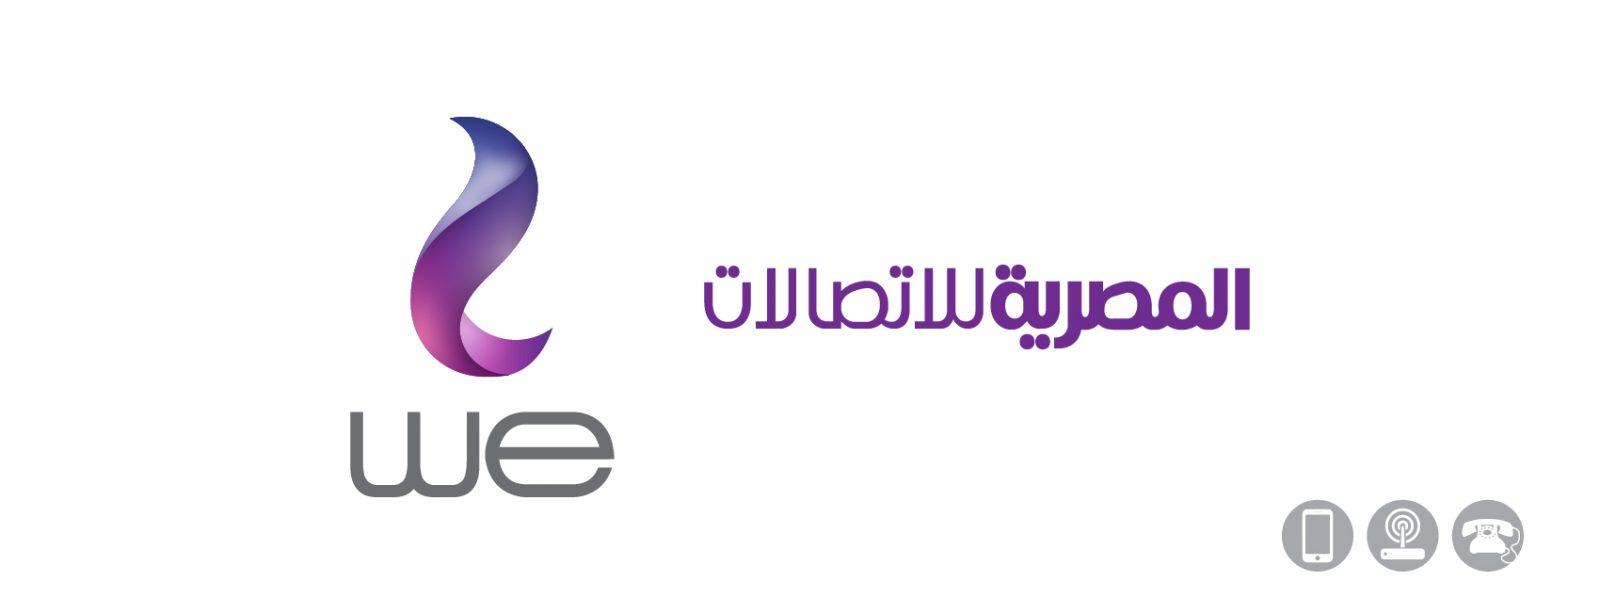 19 مليار جنيه إيرادات المصرية للاتصالات في 9 أشهر - جريدة المال